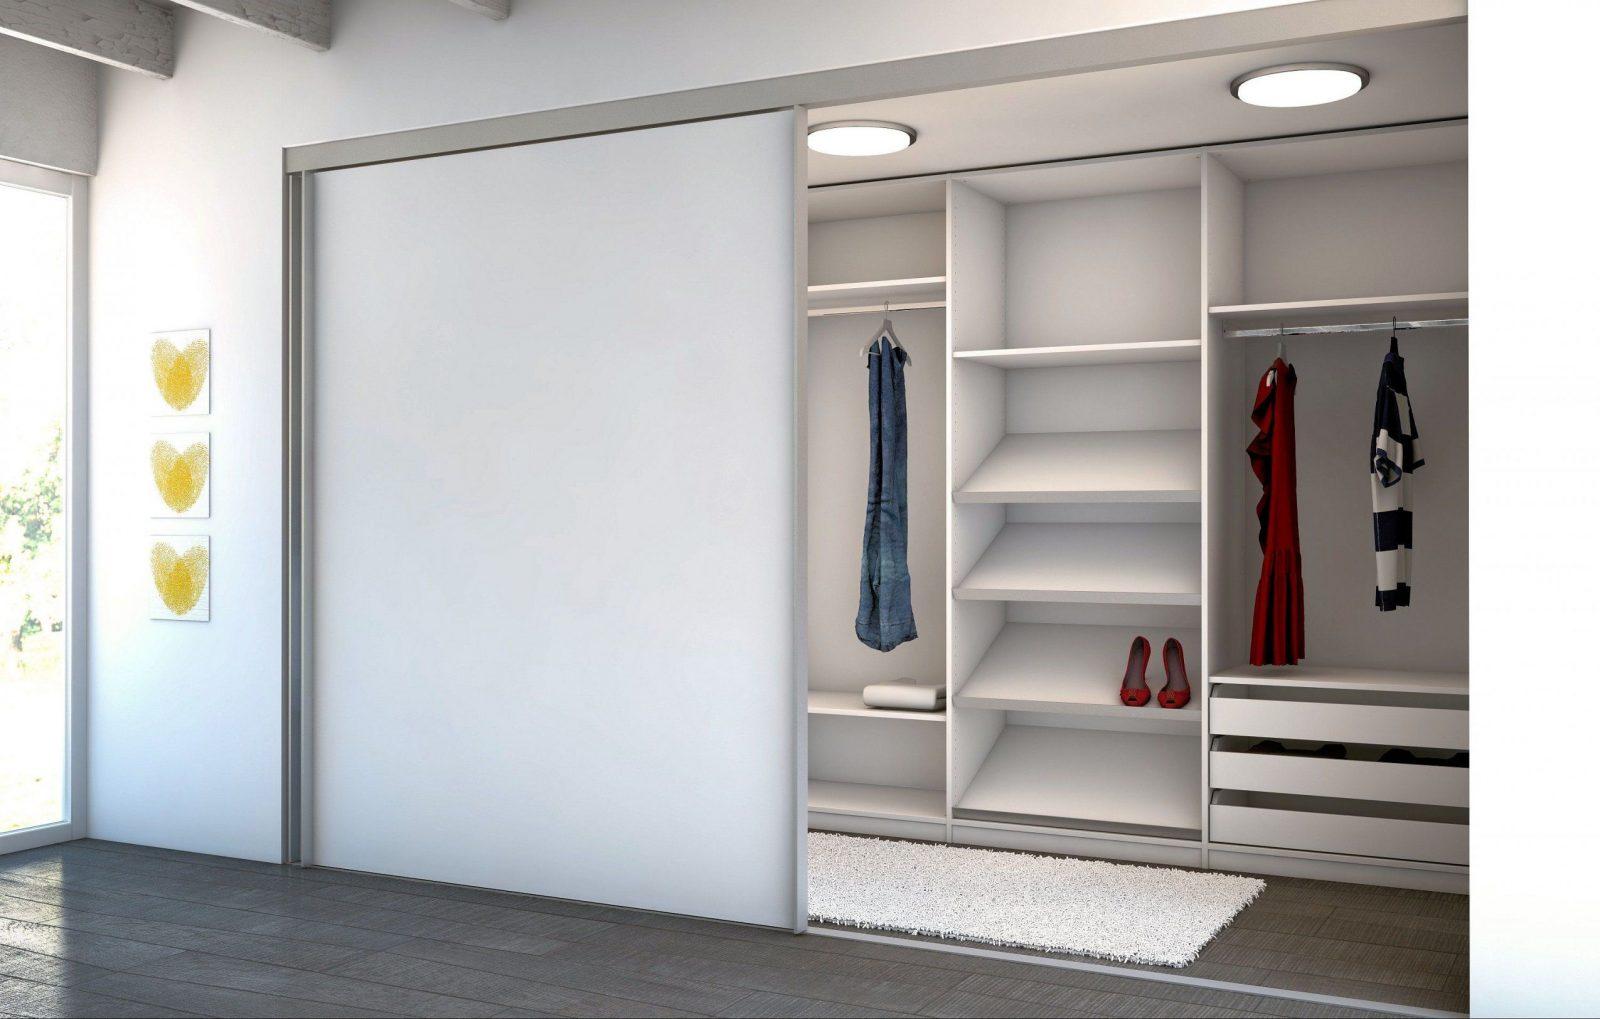 Begehbarer Kleiderschrank Mit Schiebetüren  Minimalistisches Haus von Schiebetür Selber Bauen Schrank Photo